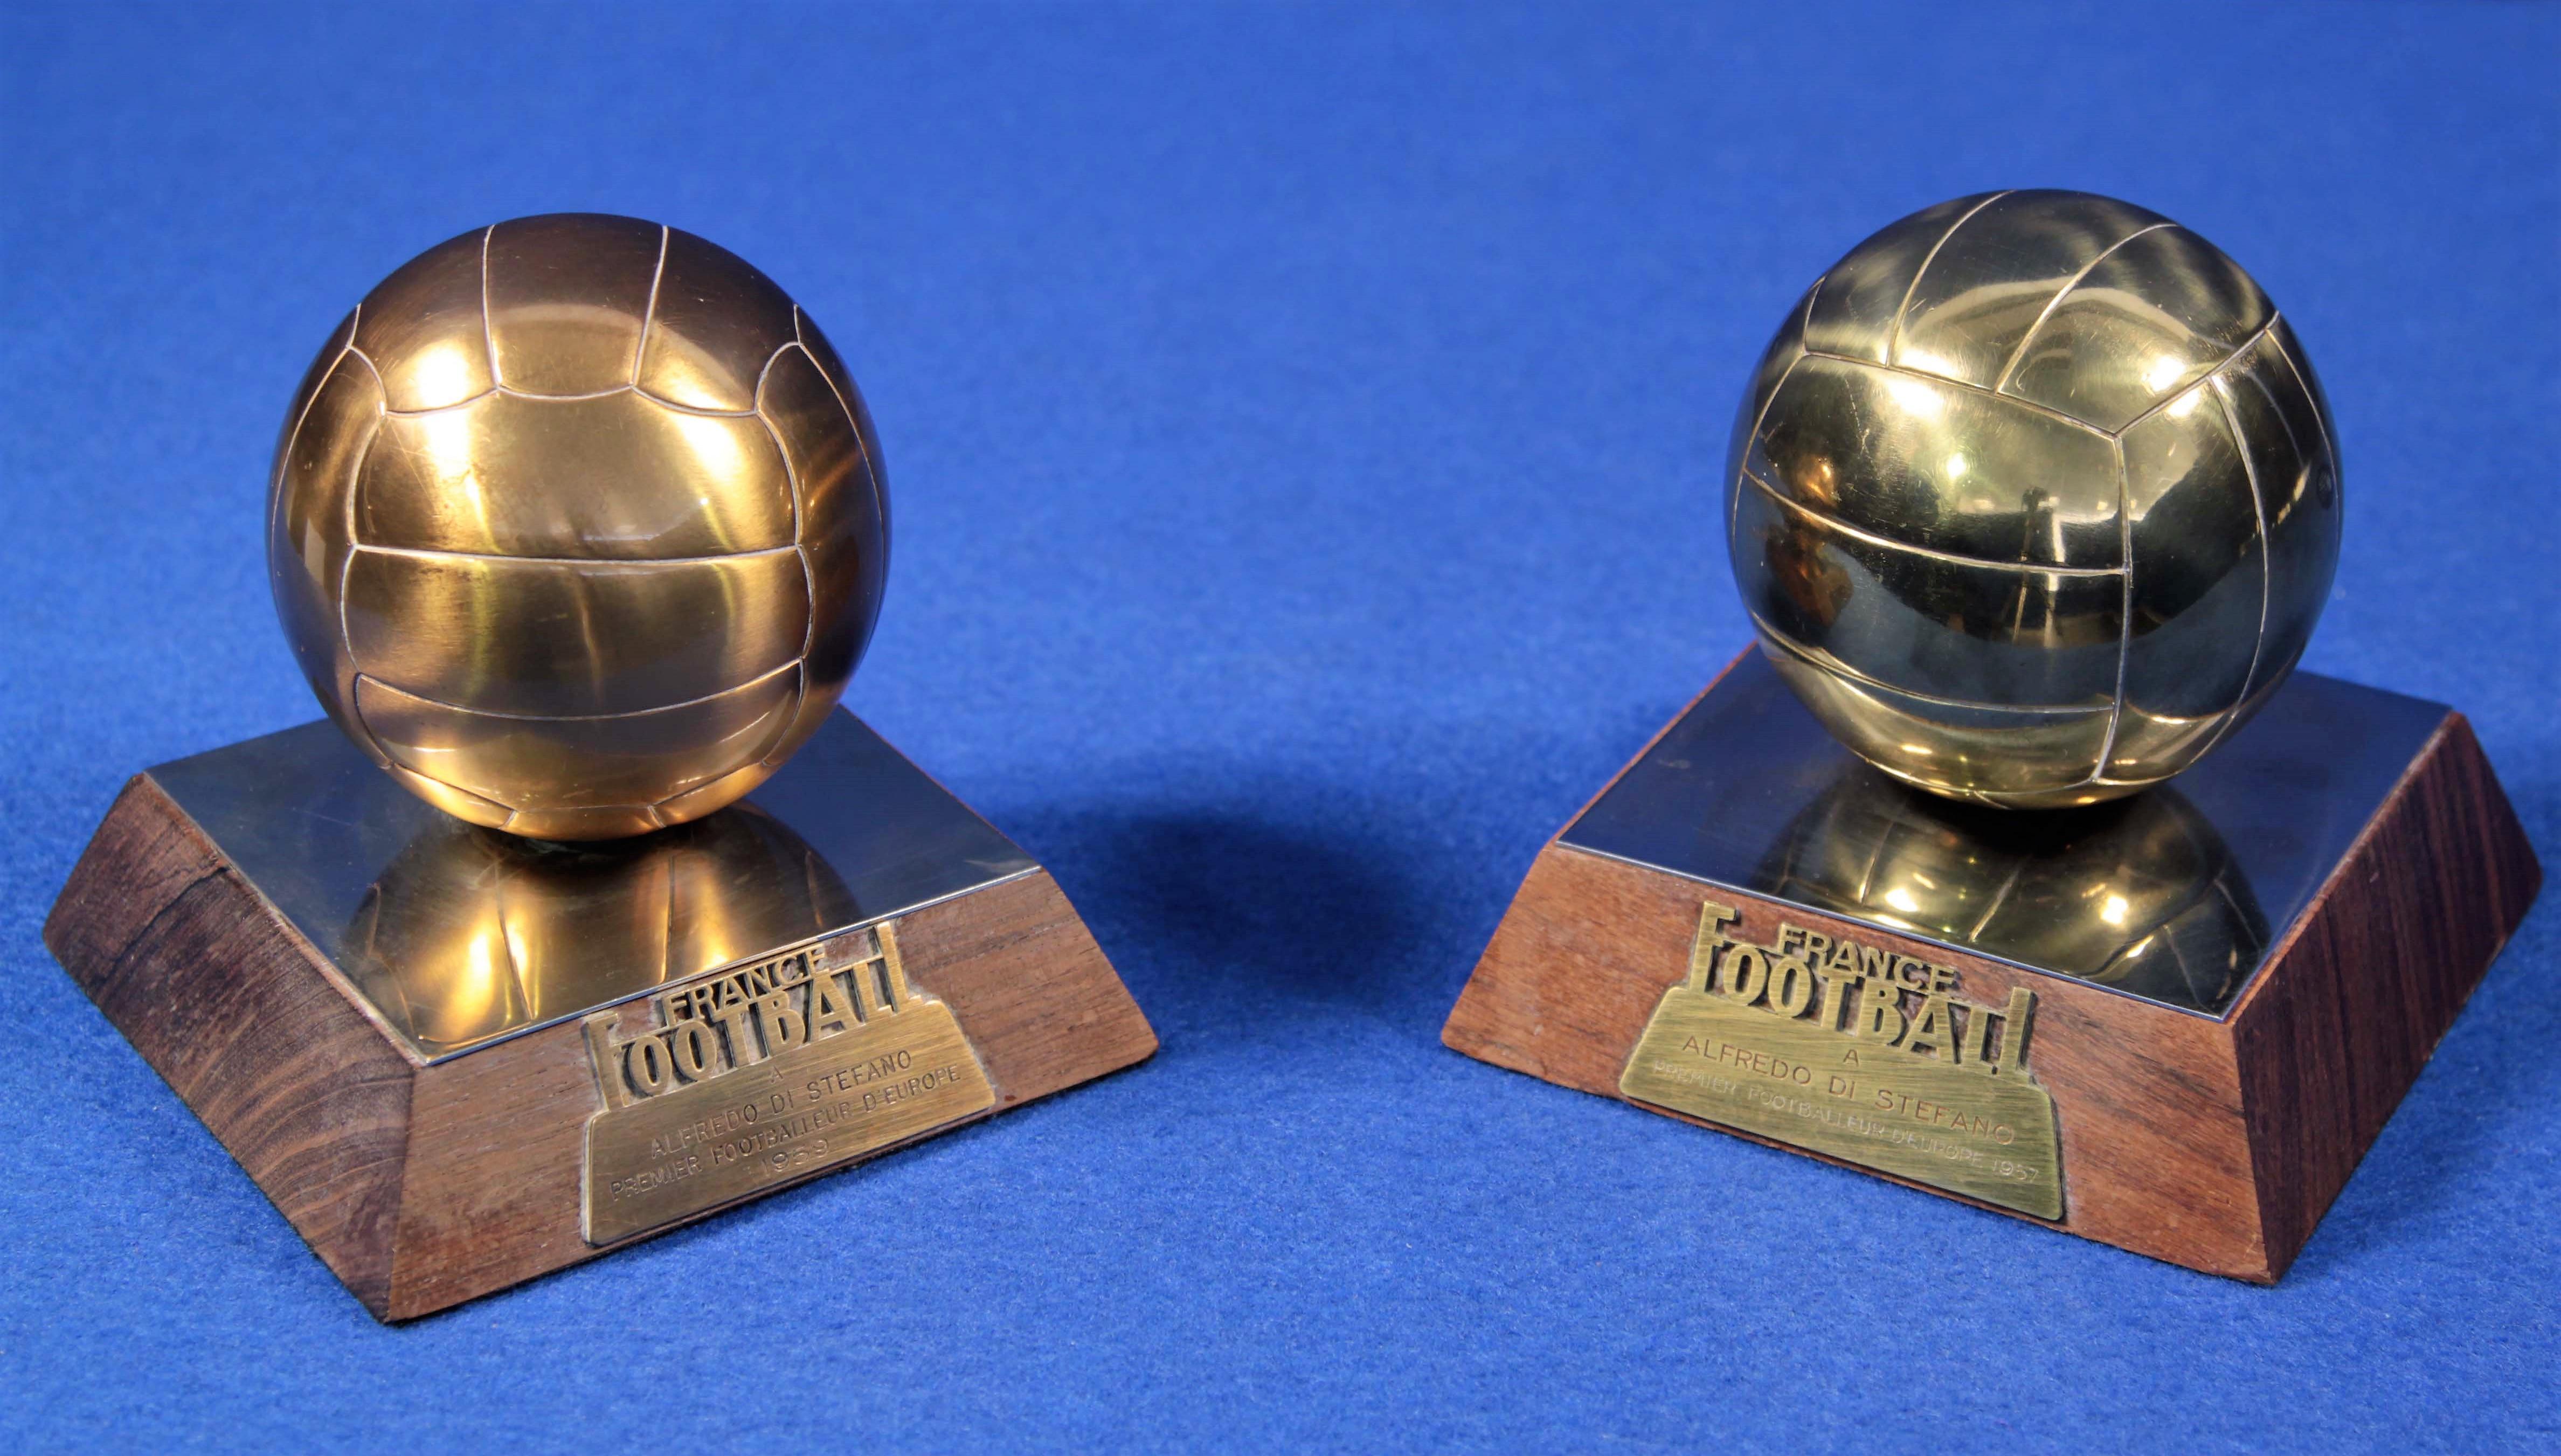 Balones de oro. France Football a Alfredo Di Stéfano.